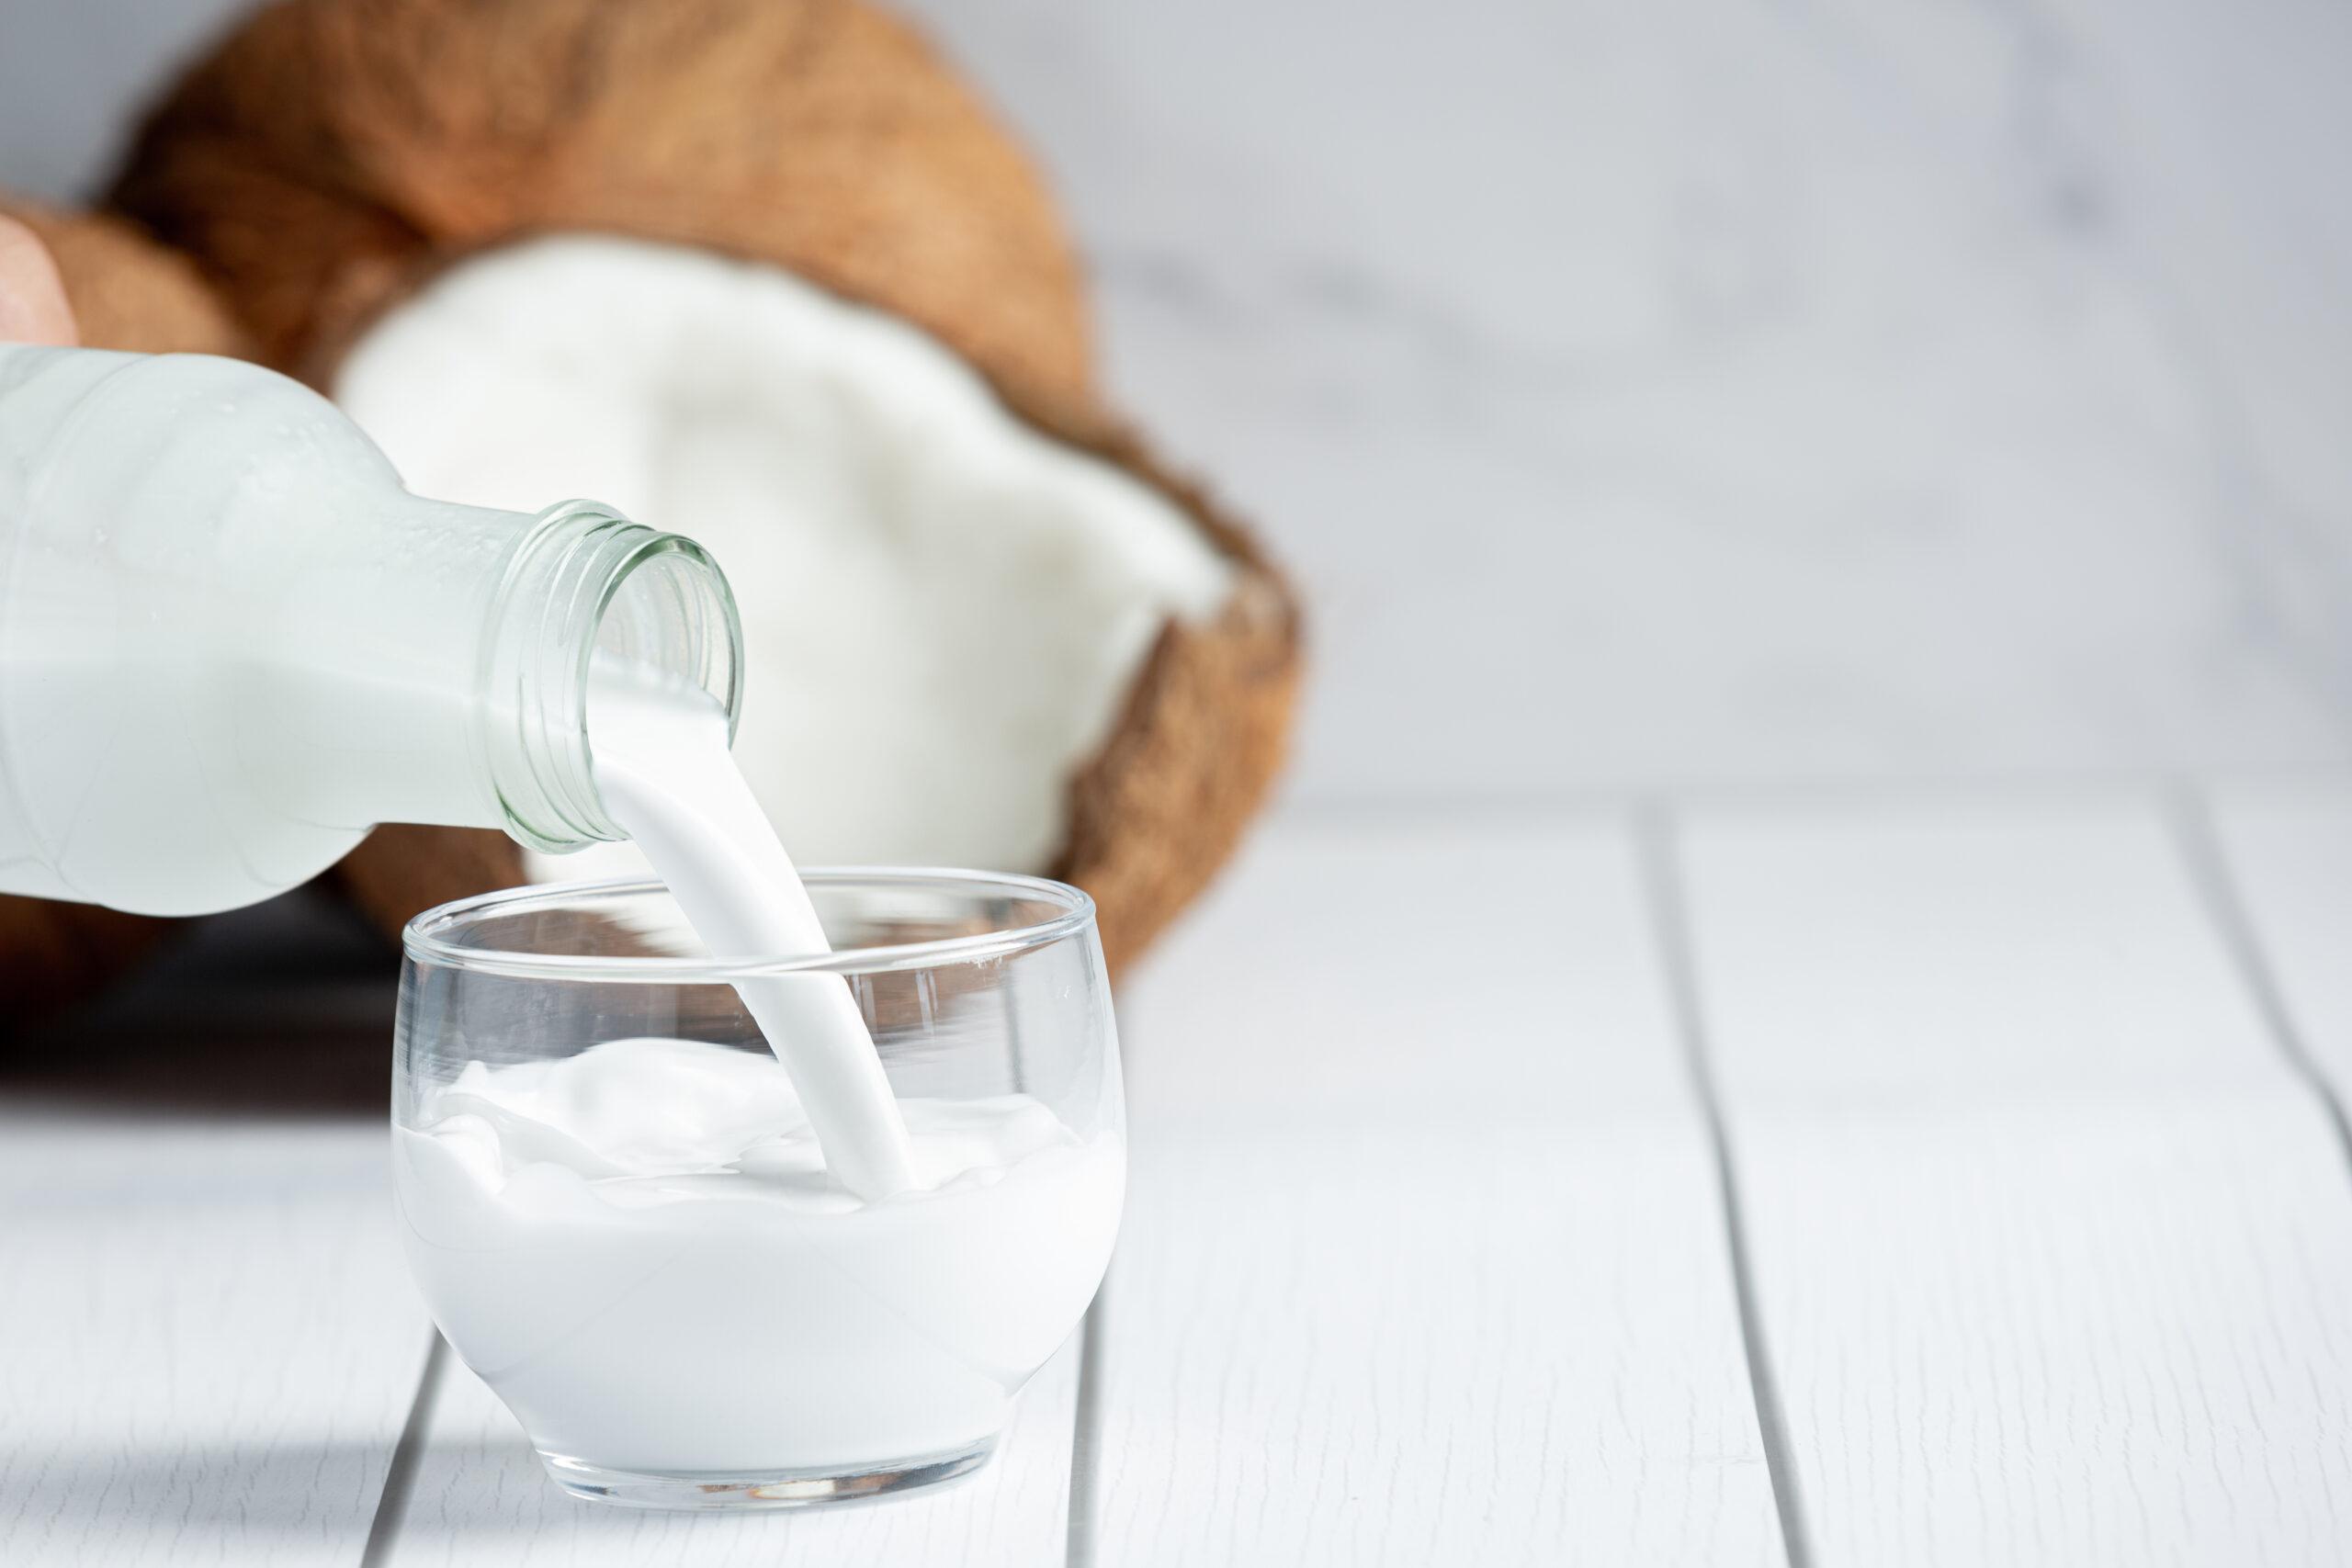 Hast du eine Laktoseintoleranz oder Milchallergie? 5 + 1 Tipps, was du statt Milch verzehren kannst!